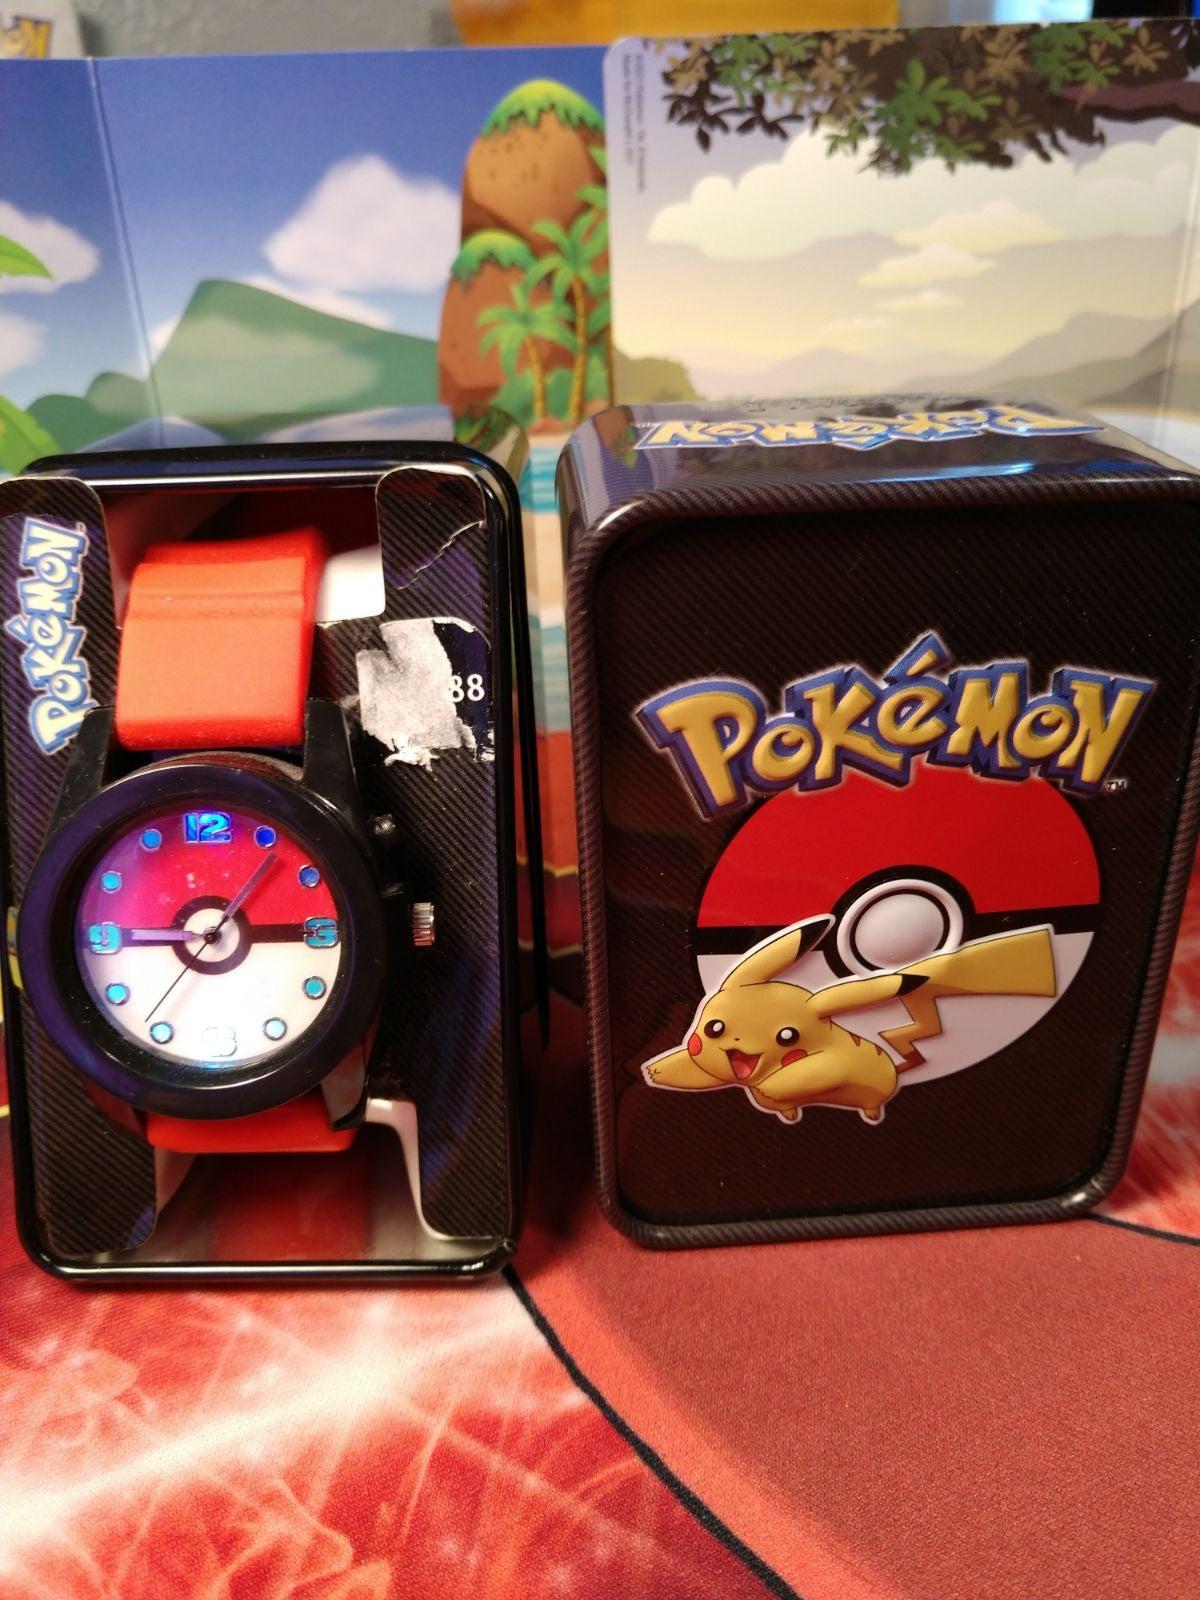 Pokémon Analog Wrist Watch With Lights